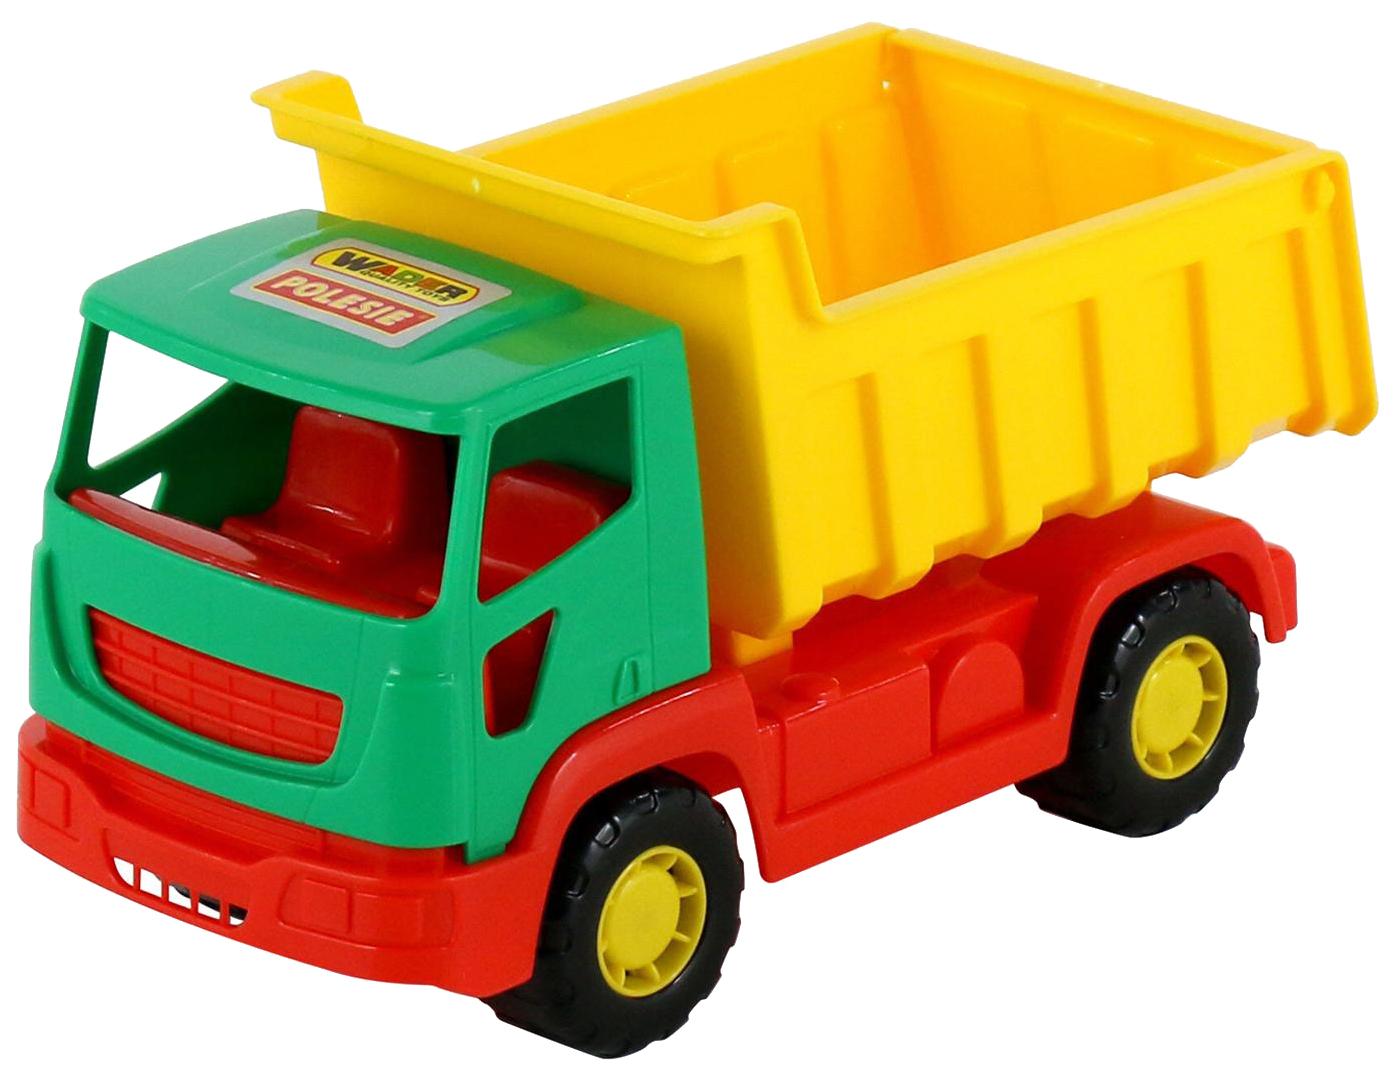 Купить Игрушки, Автомобиль-самосвал Wader Агат , Игрушечные машинки